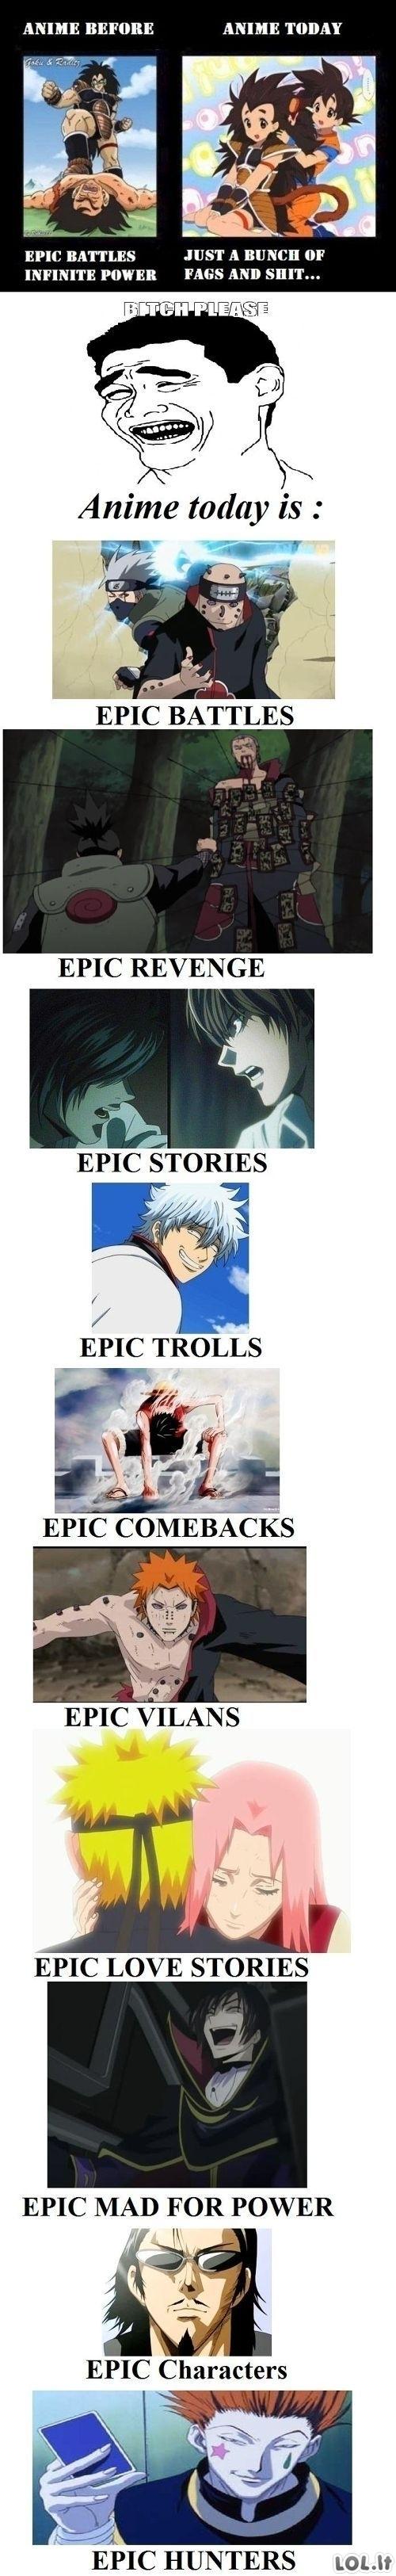 Anime valdo